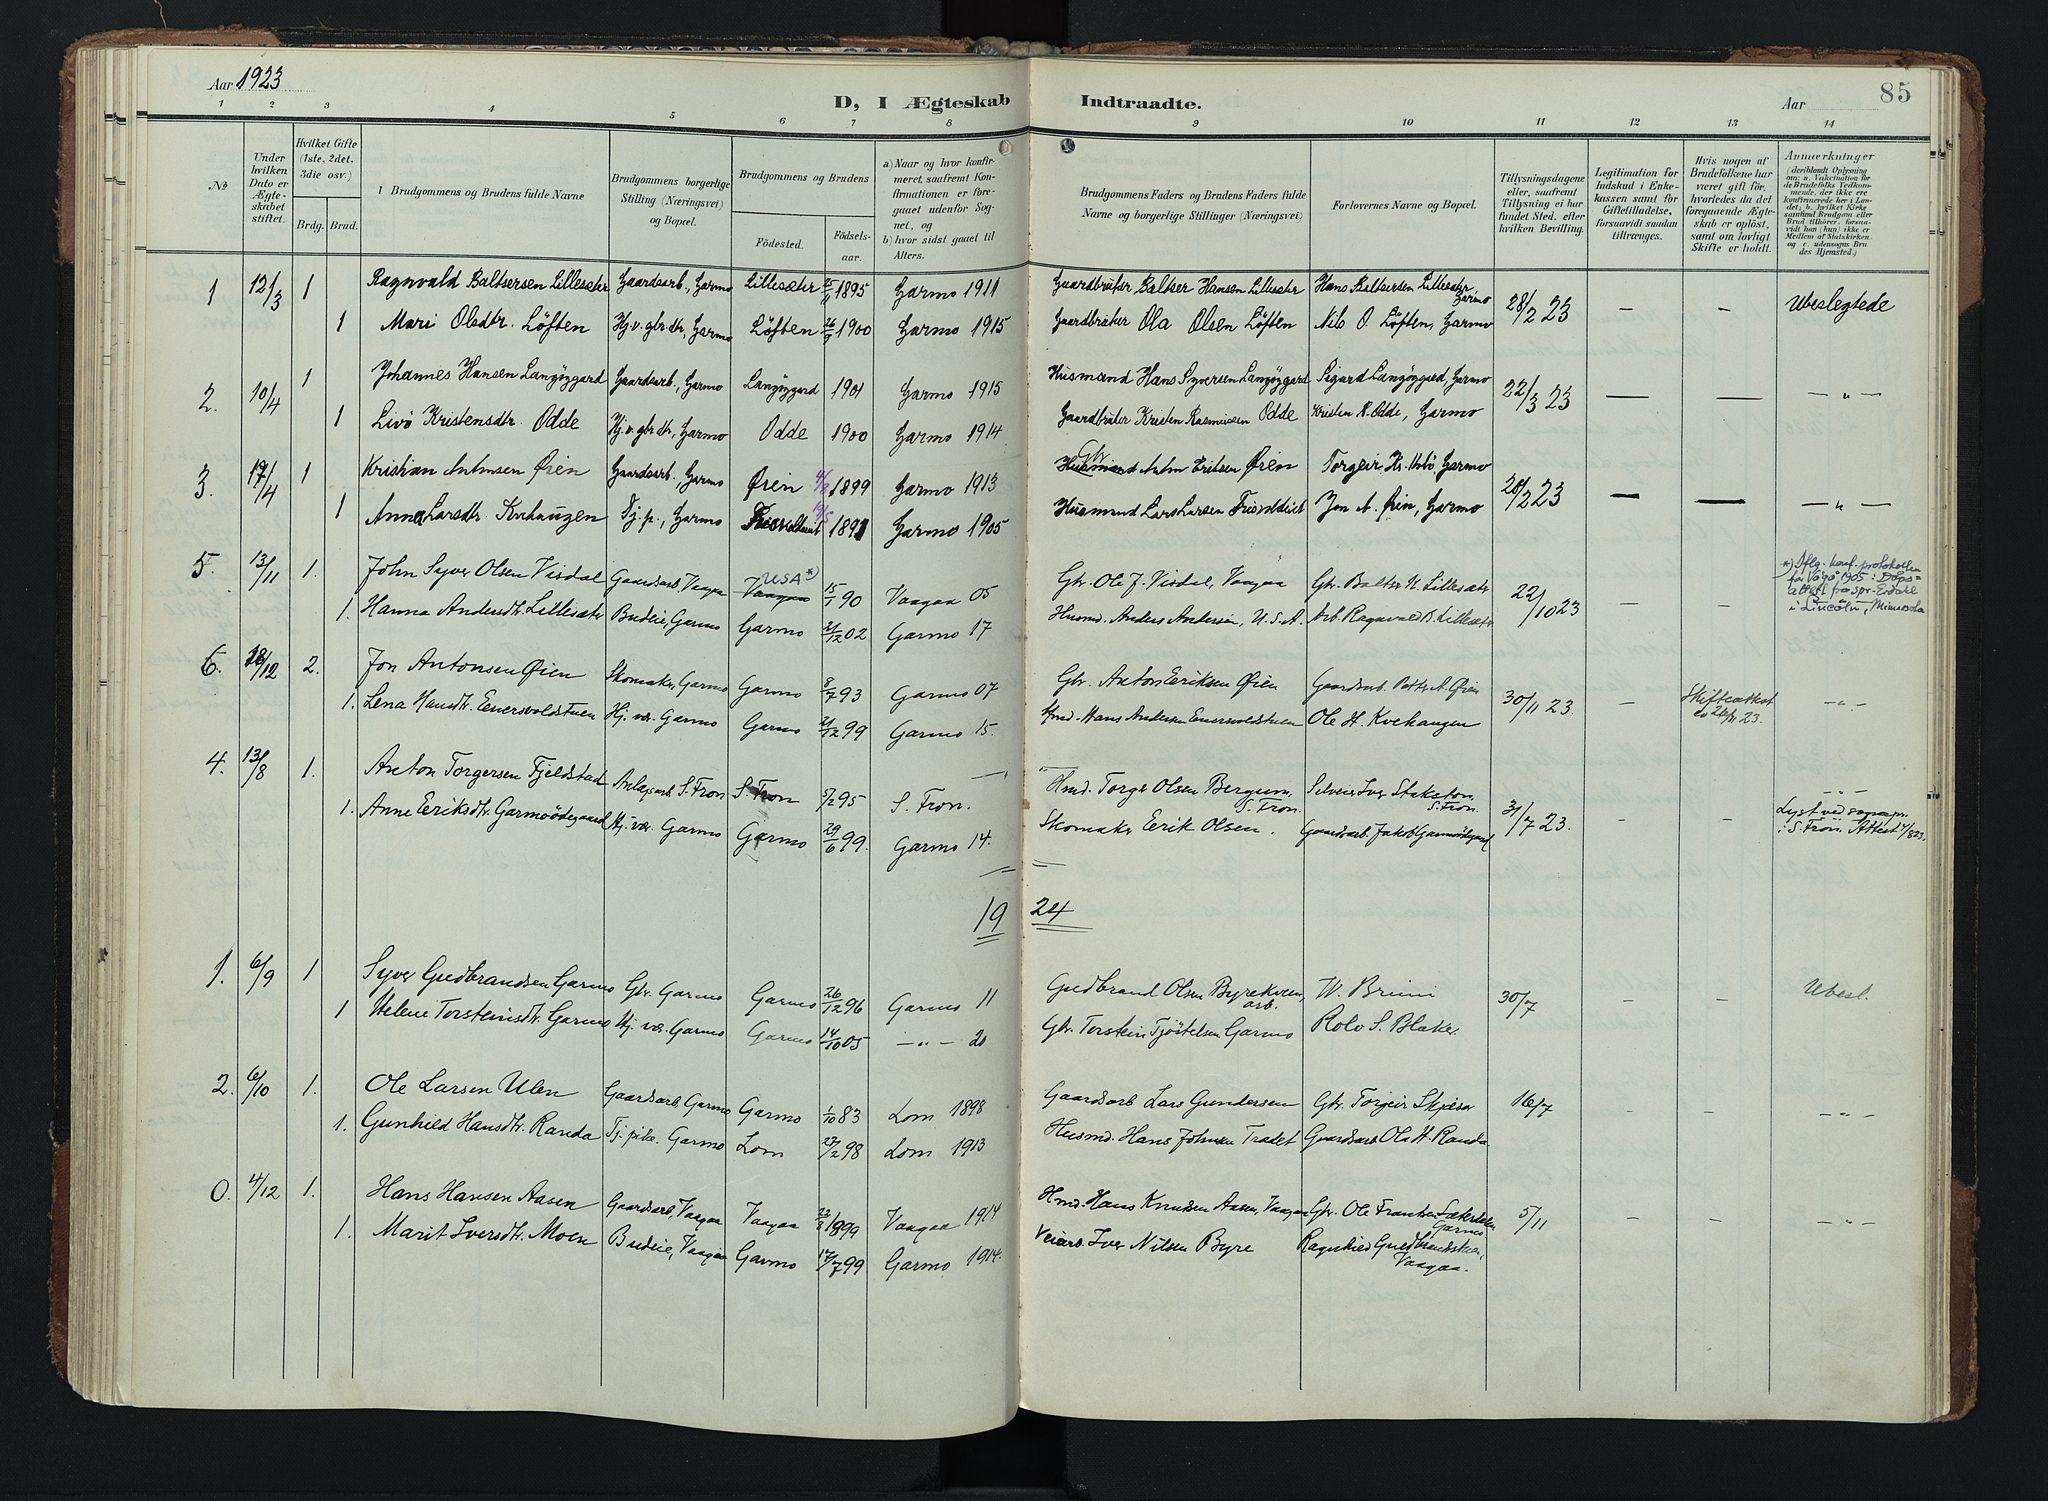 SAH, Lom prestekontor, K/L0011: Ministerialbok nr. 11, 1904-1928, s. 85